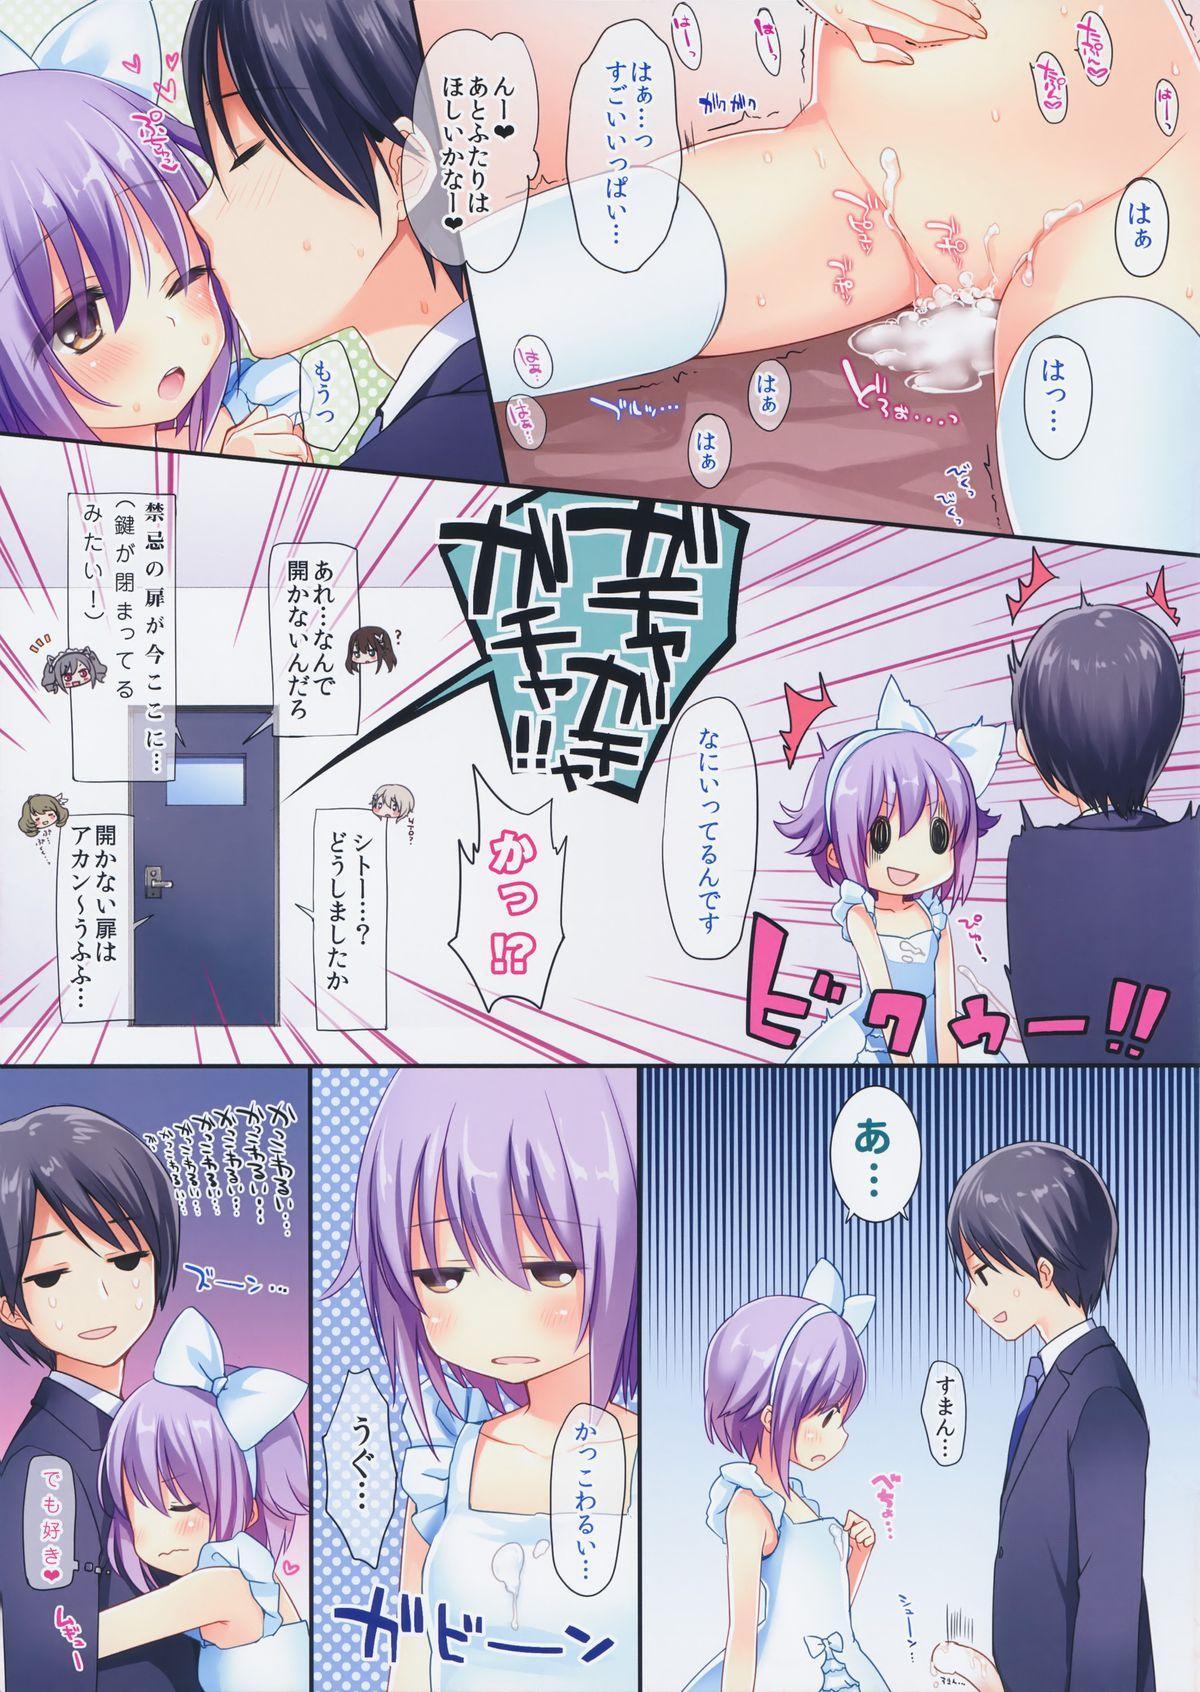 Itsu datte Boku ga Ichiban desu! 16